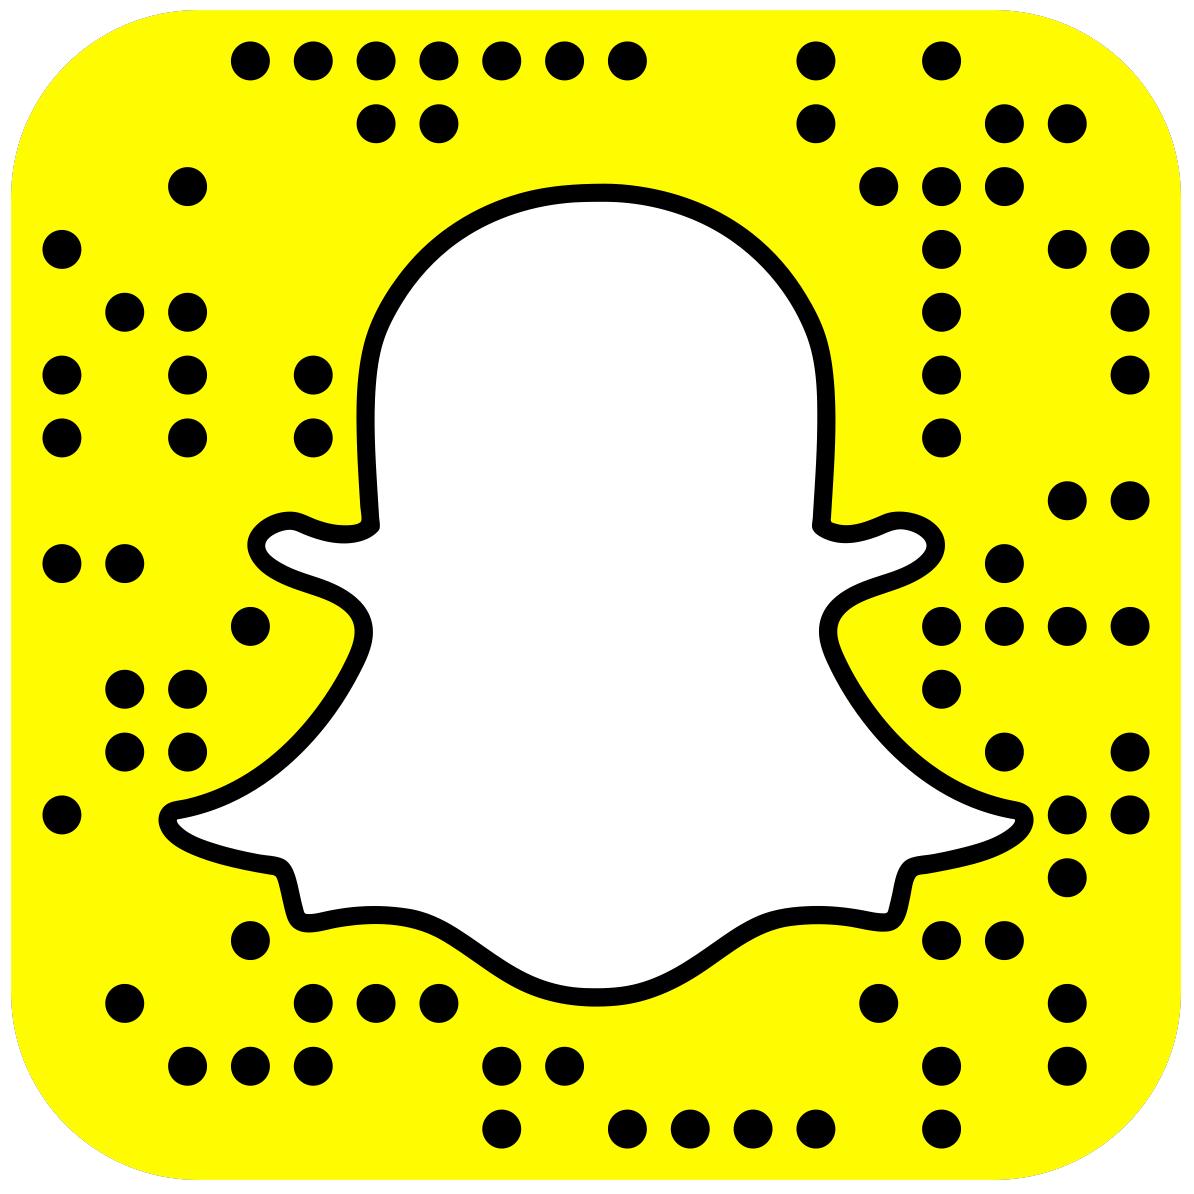 Emmy Rossum Snapchat username